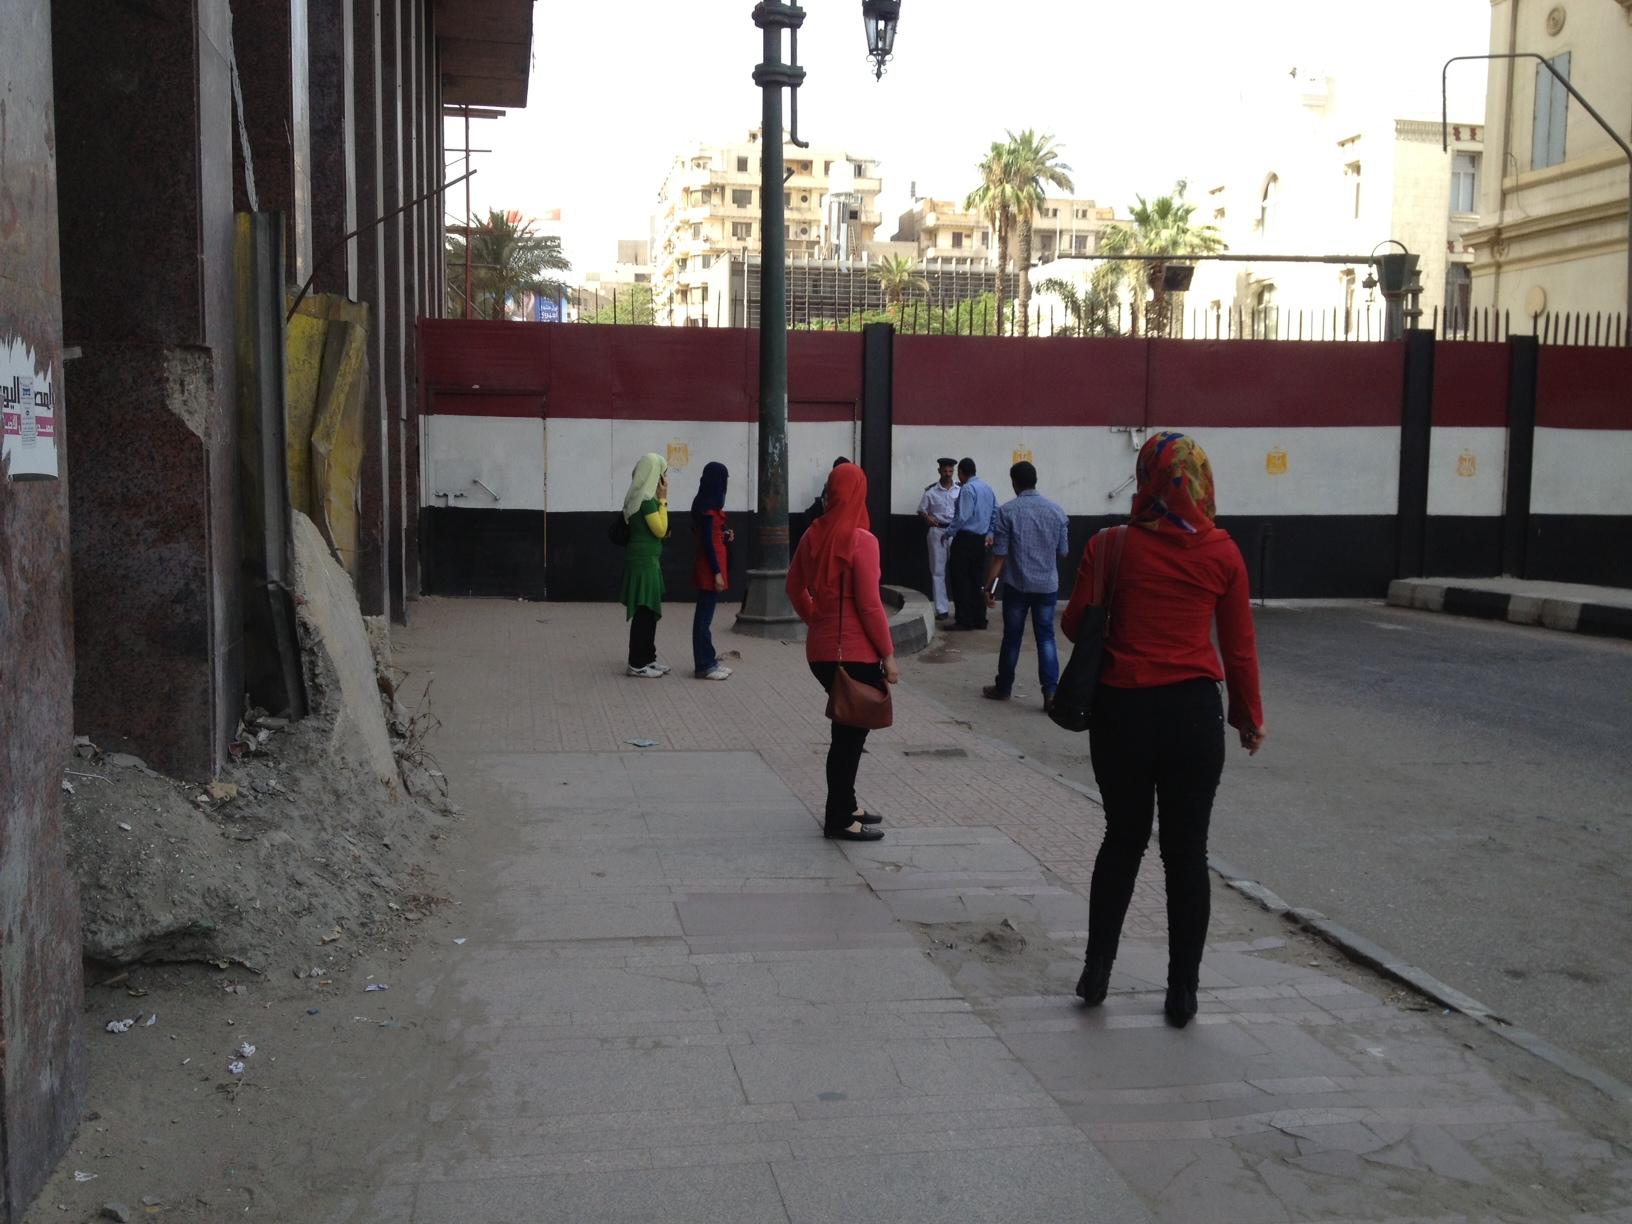 أغلقت قوات الأمن البوابة الحديدة  بين قصر العيني والتحرير